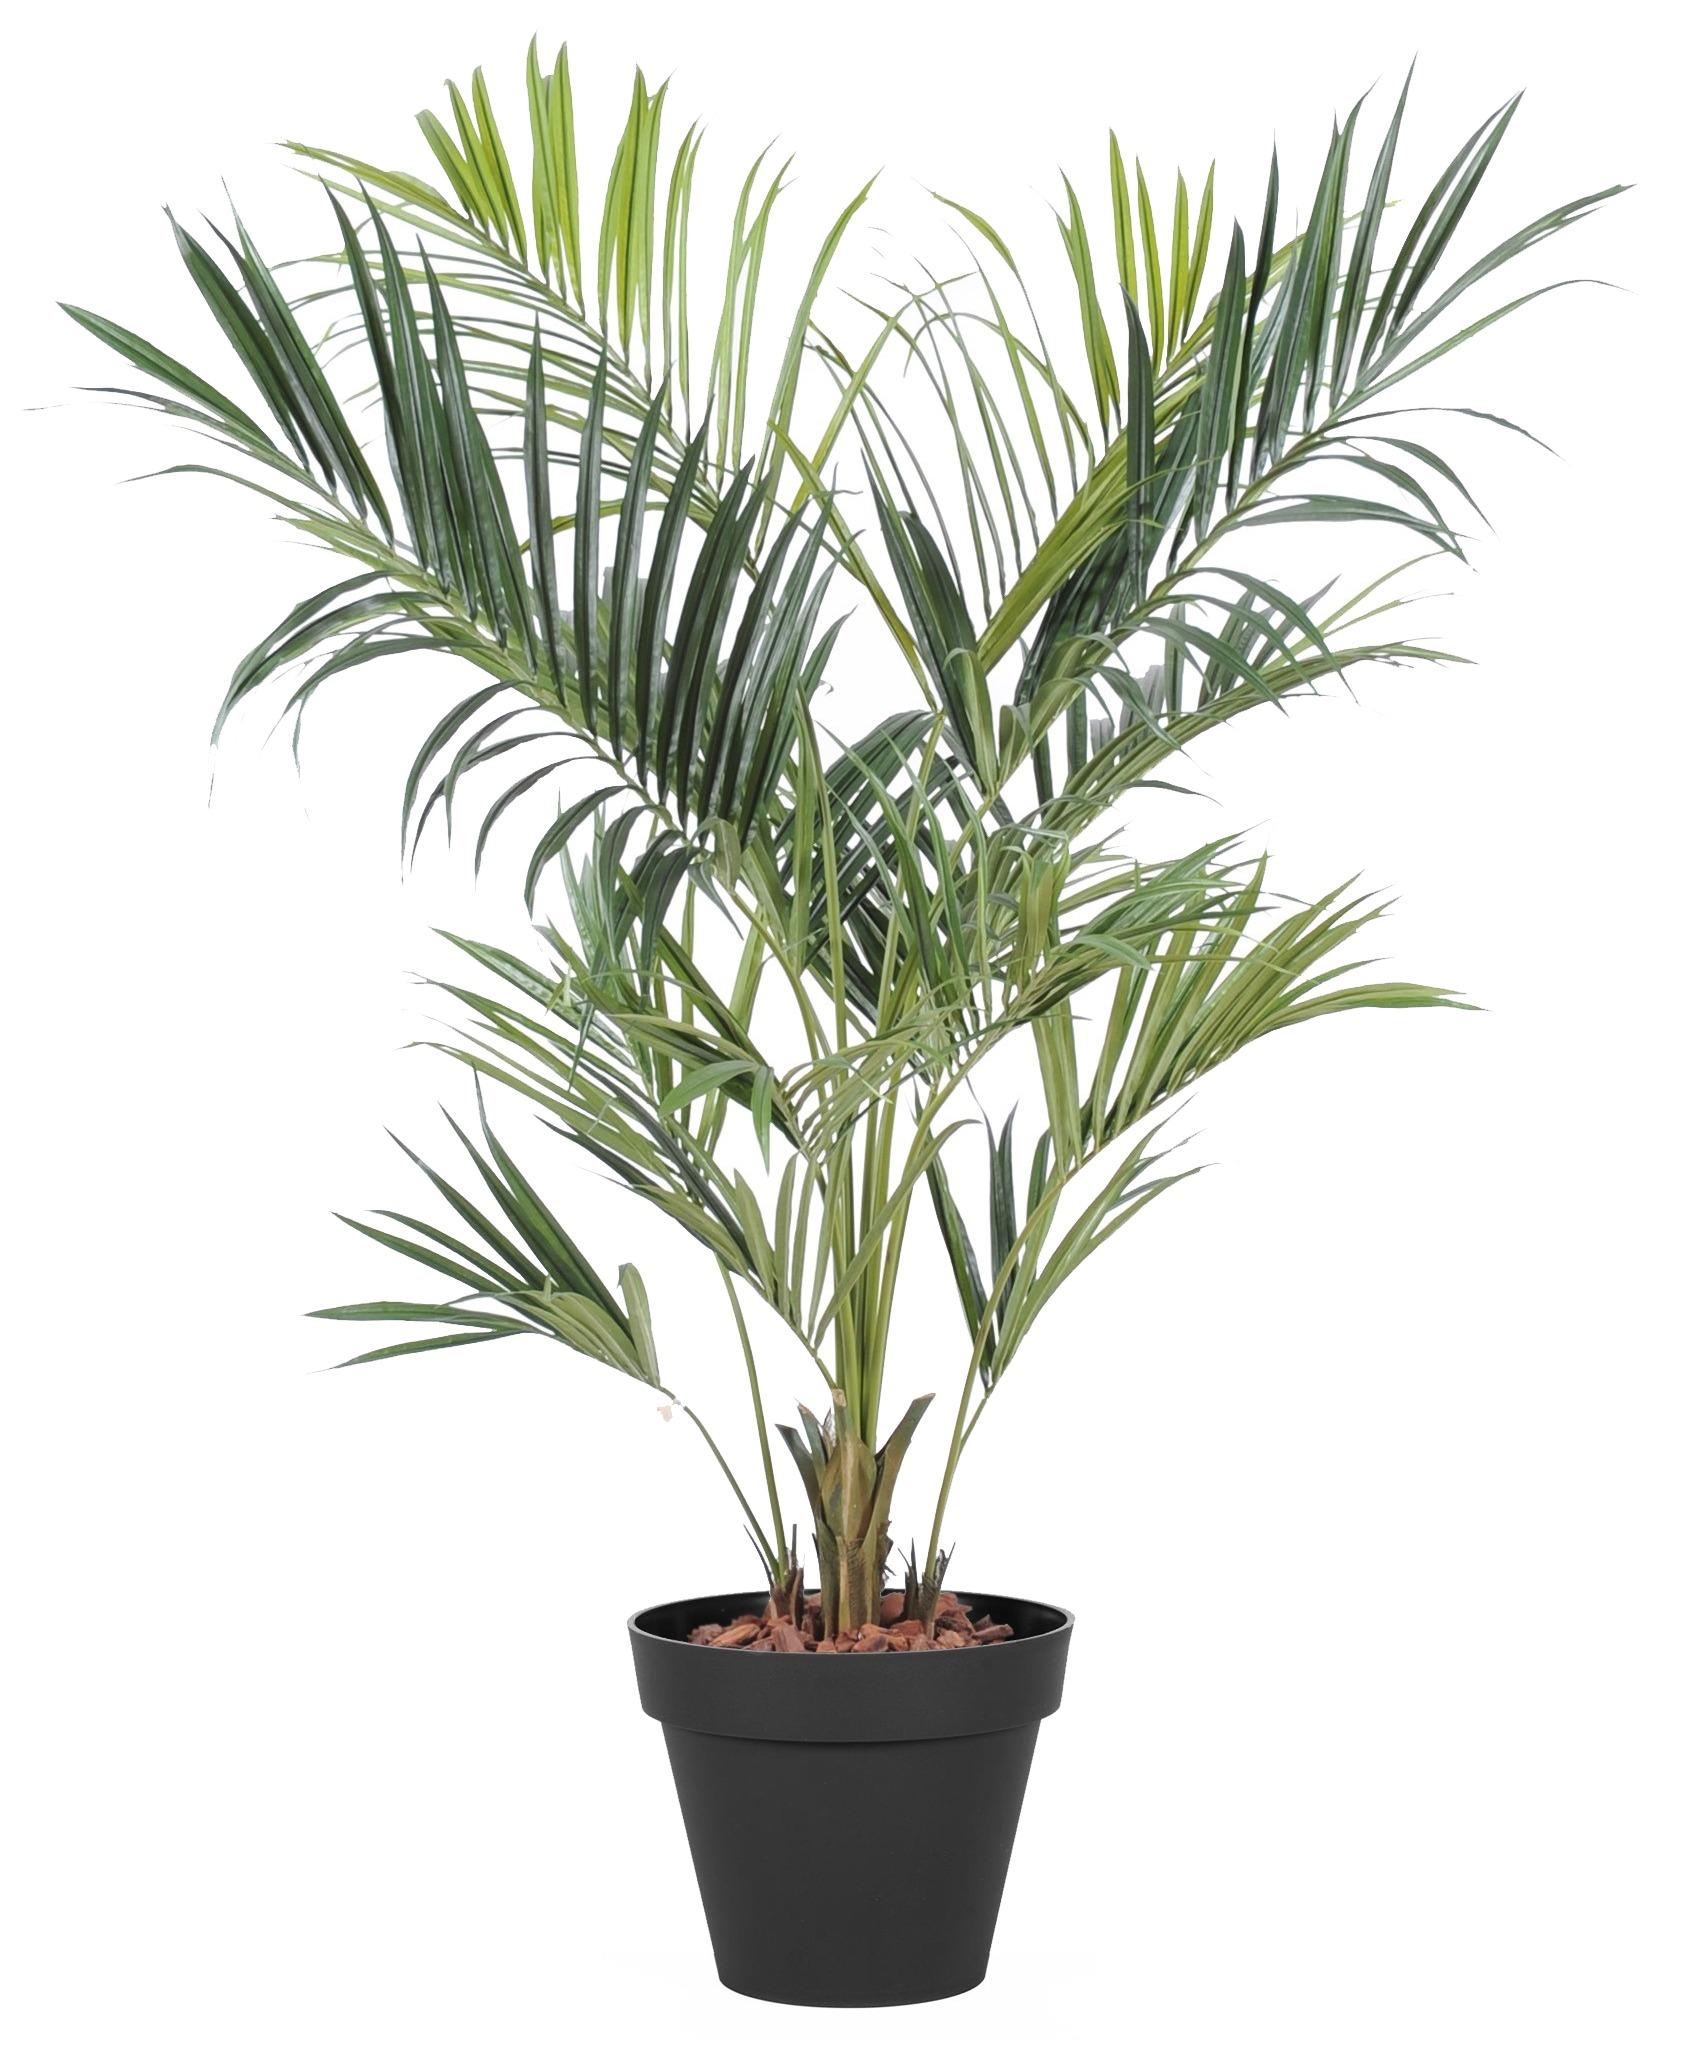 Palmier nain exterieur le palmier nain palmier nain for Palmier exterieur